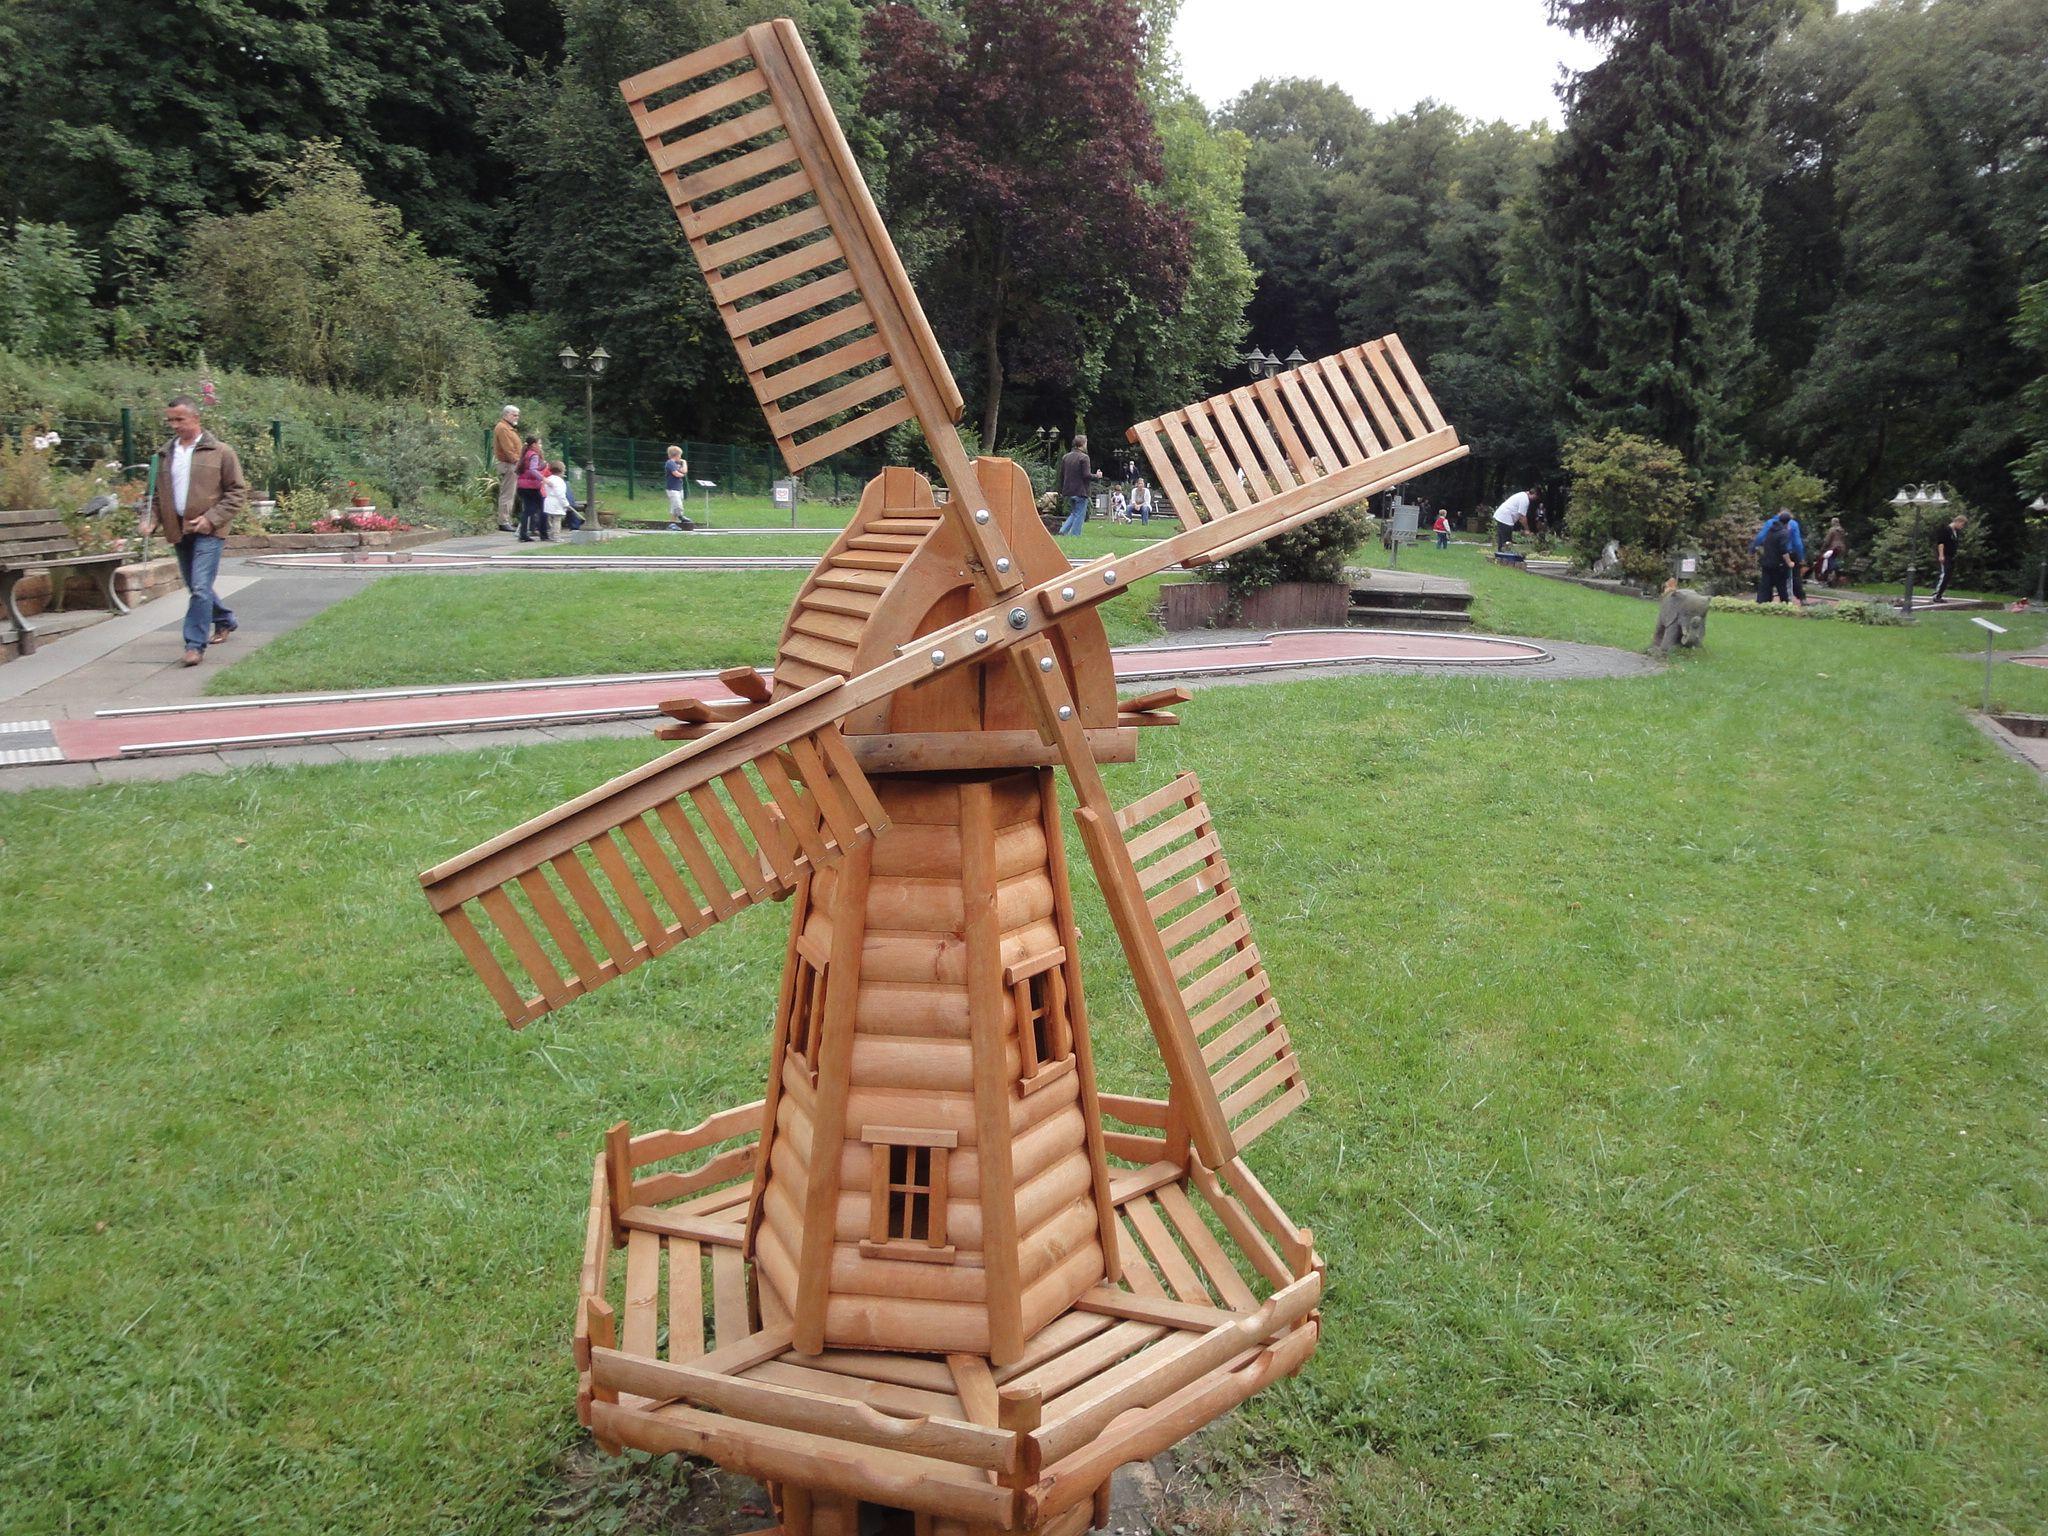 Holzwindmuhle Auf Der Minigolf Anlage Badgodesberg Http Www Ausflugsziele Nrw Net Minigolf Bad Godesberg Aussenwohnbereiche Windmuhle Garten